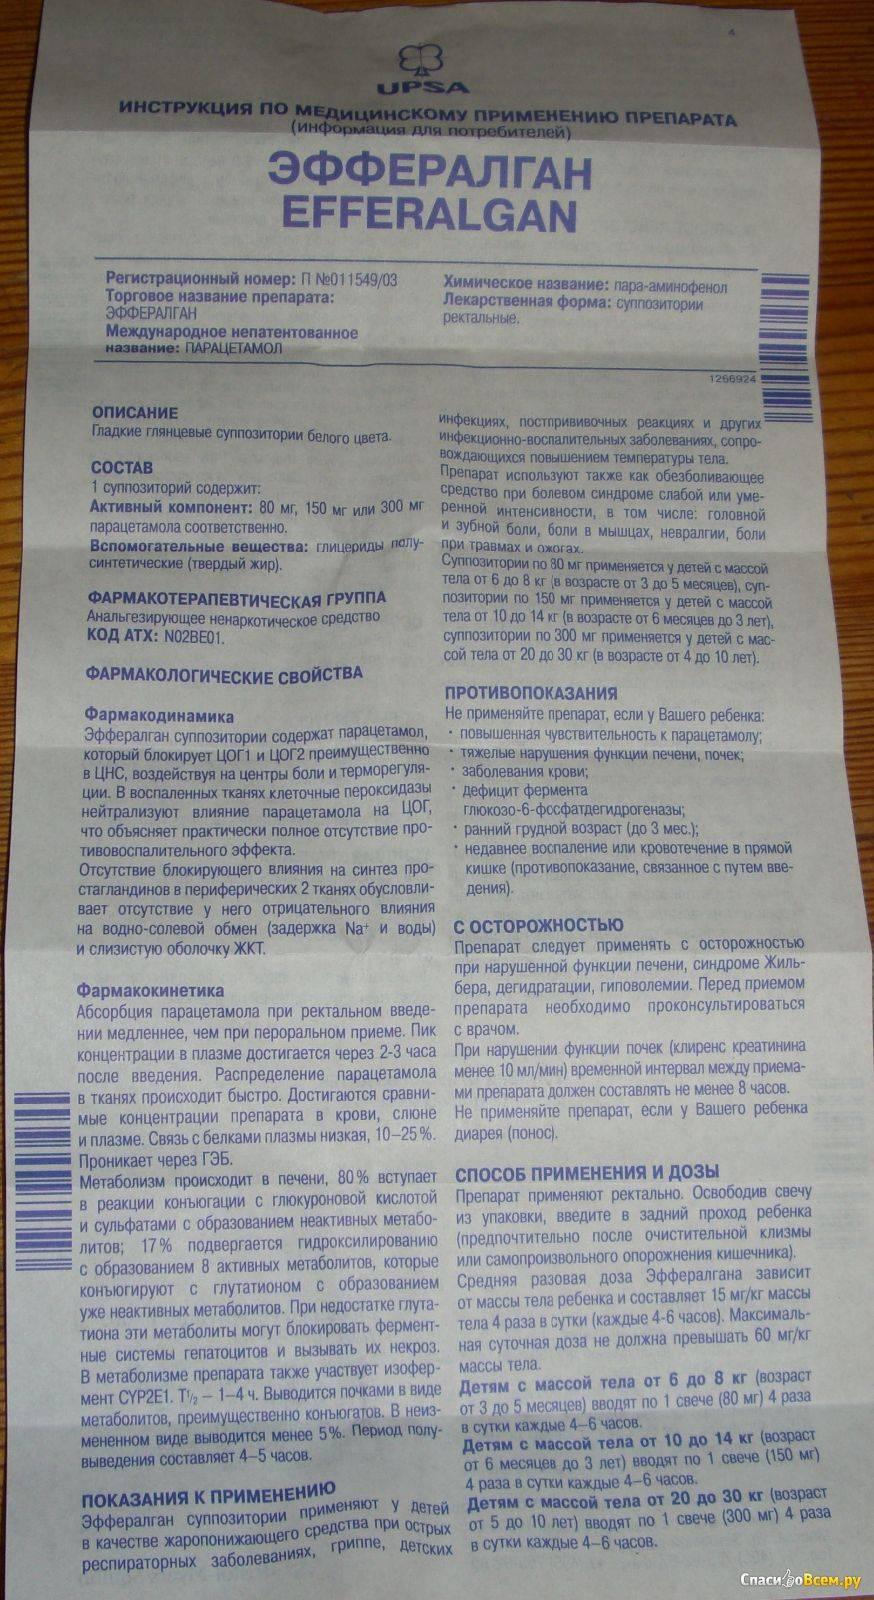 Эффералган® сироп [для детей] | инструкция по применению лекарств, аналоги, отзывы